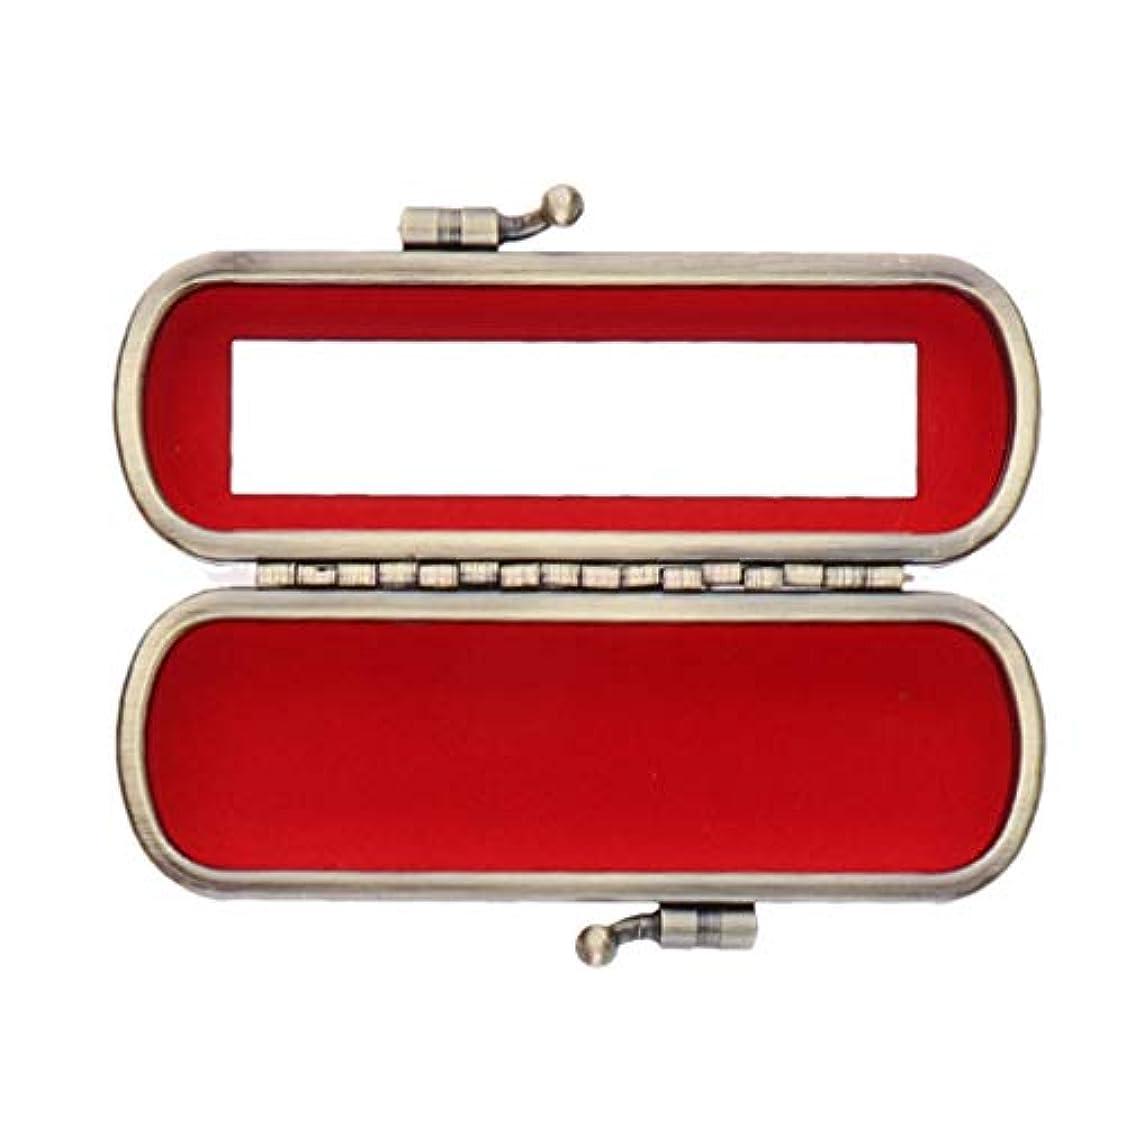 毎回勧告知性財布用ミラーオーガナイザーバッグ付きかわいいレザーリップスティックリップクリームケース - 赤